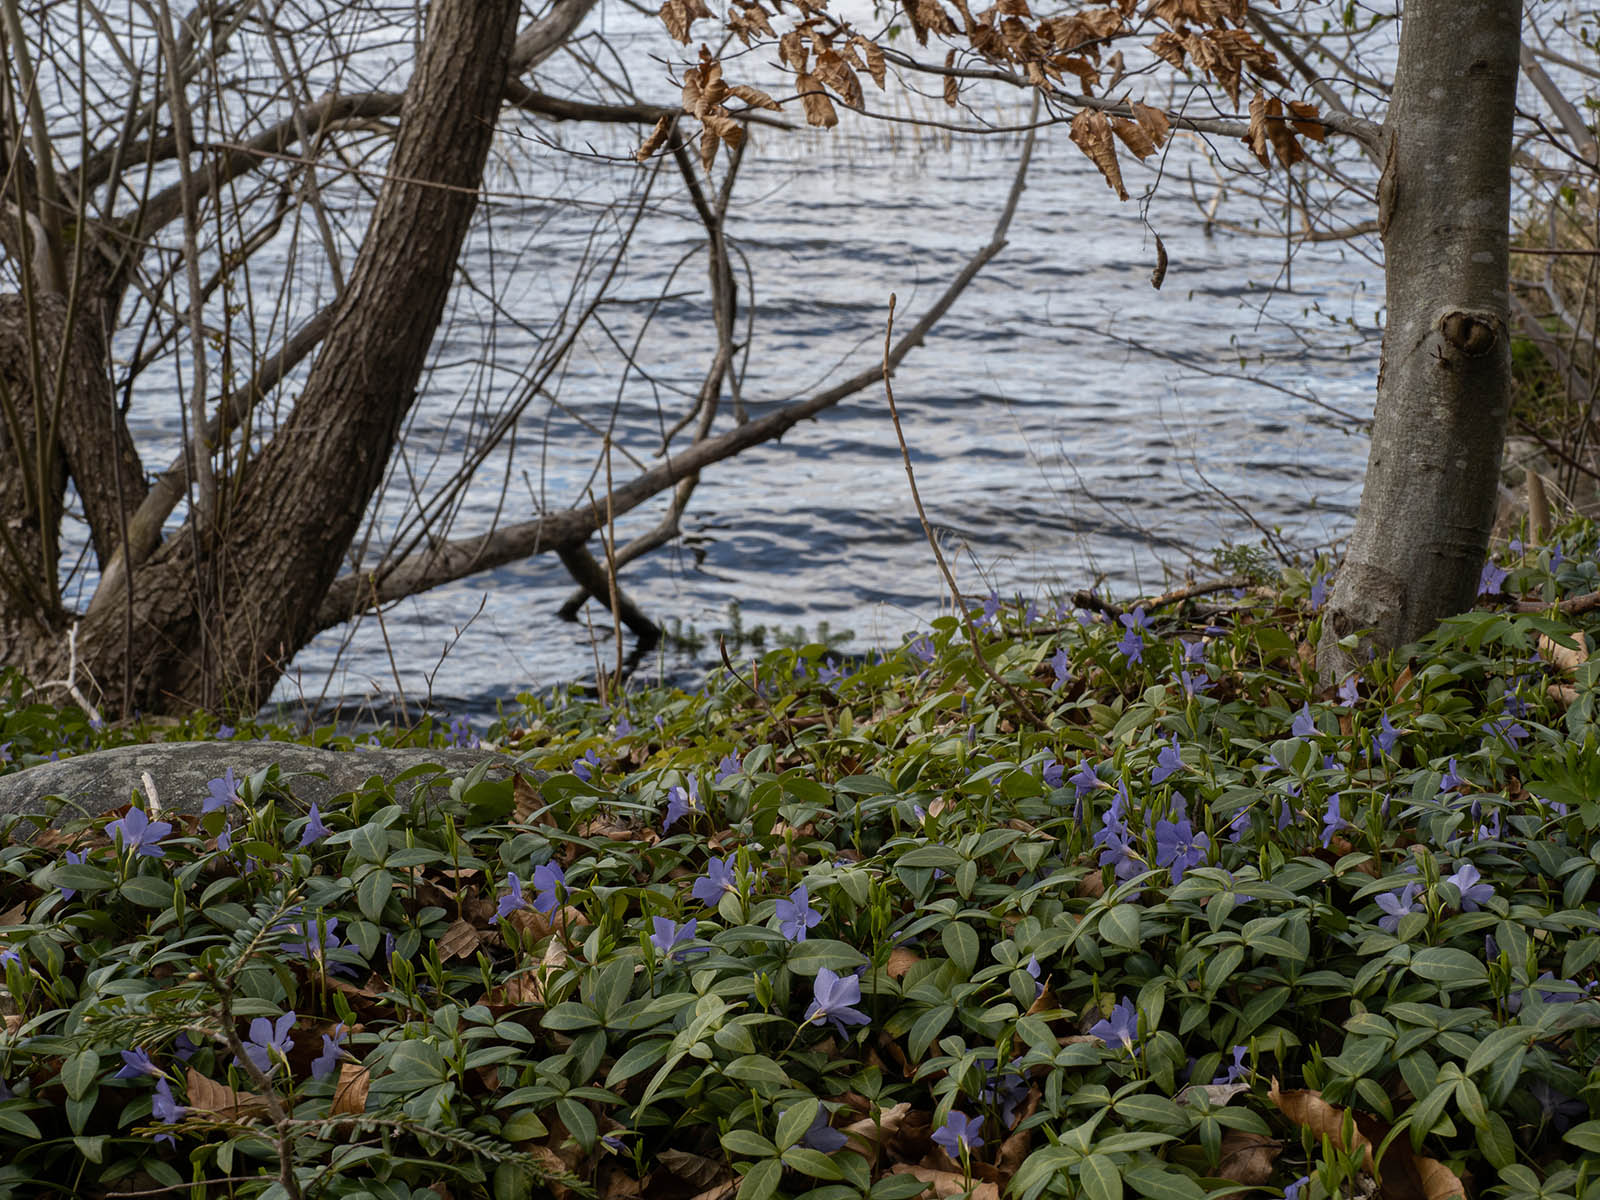 Барвинок малый (Vinca minor) на берегу озера Mälaren, Стокгольм, апрель 2020 года. Автор фото: Сутормина Марина